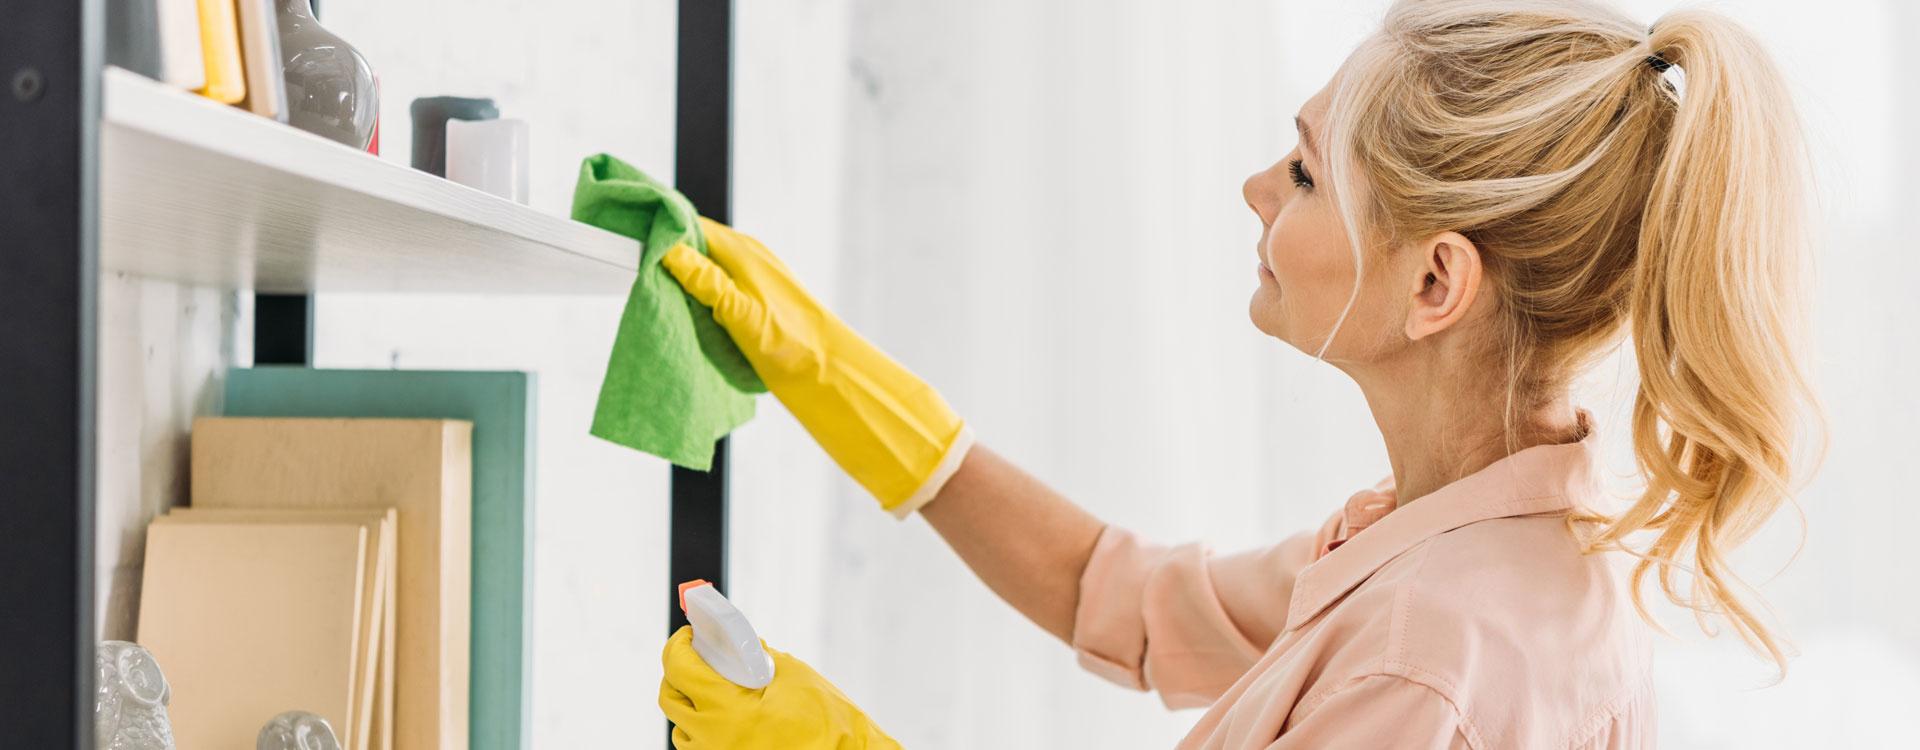 Wiosenne porządki - jak efektywnie myć podłogę? Poznaj mop parowy - nowość w ofercie!